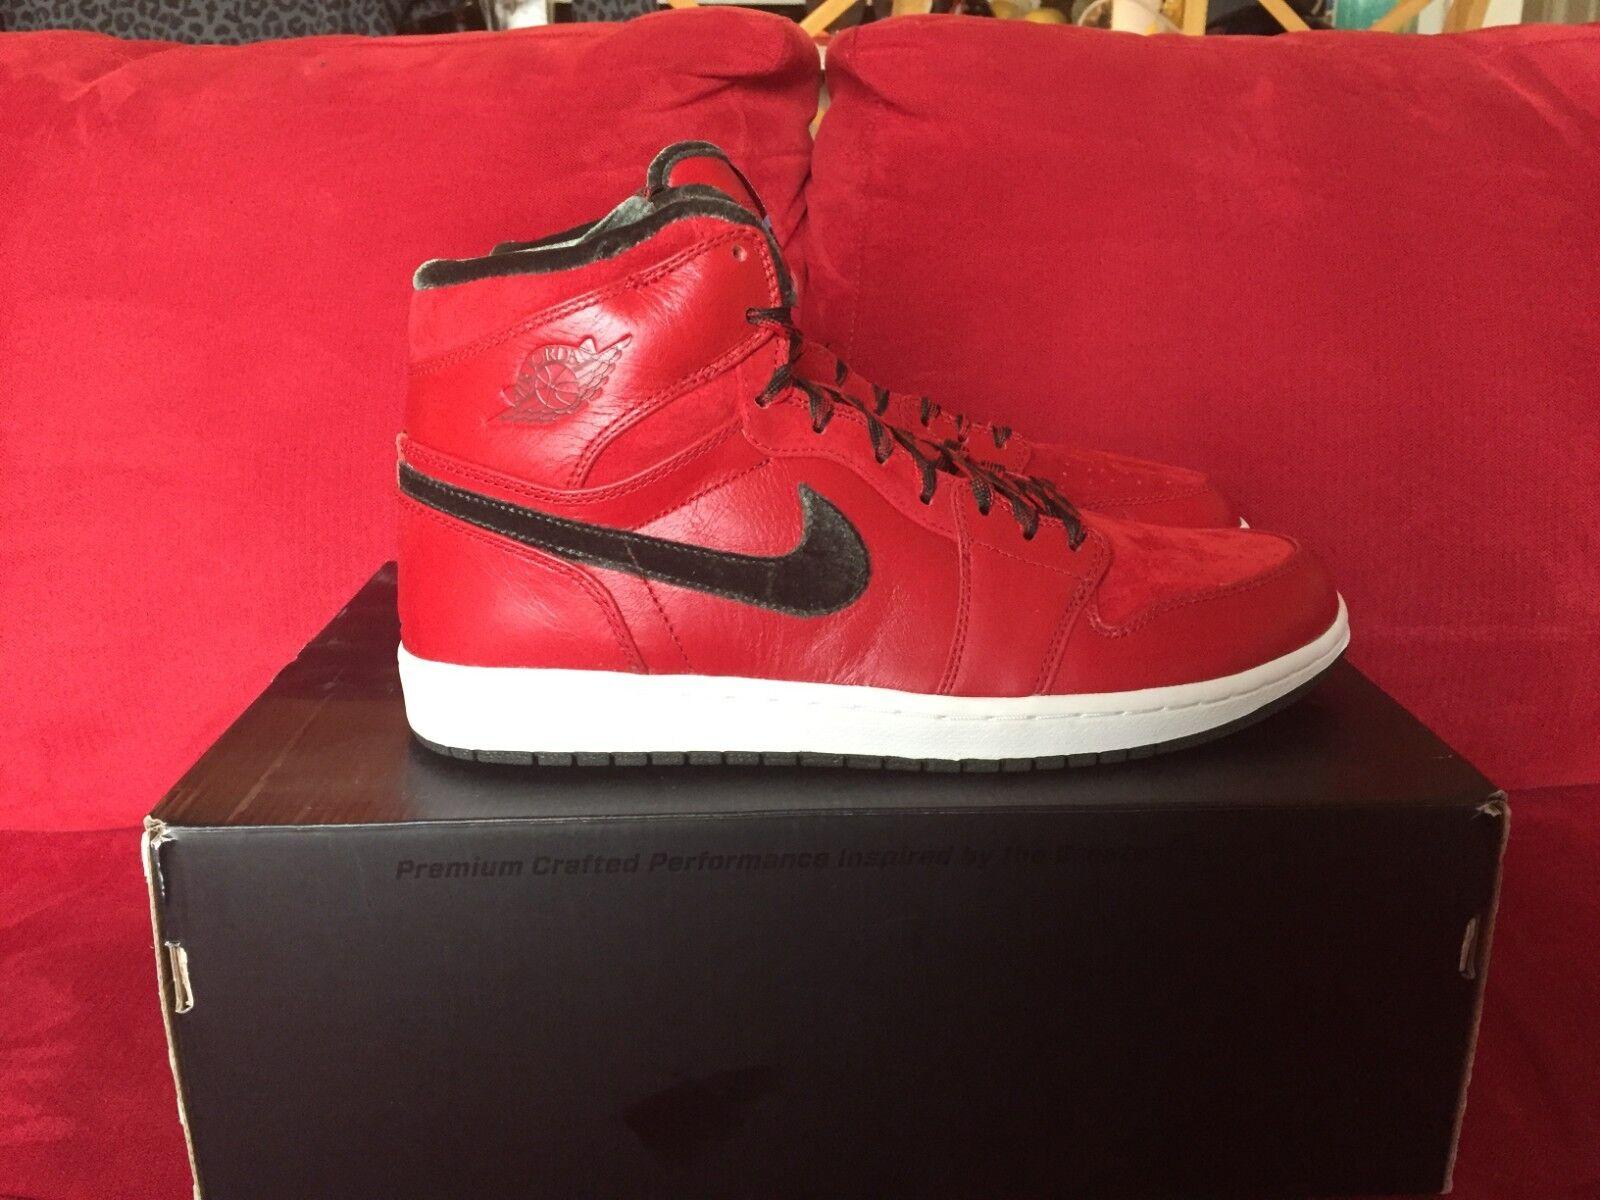 Nike Air Jordan 1 Retro High Premier 10.5 New DS 332134 631 OG Red Velour KD SB